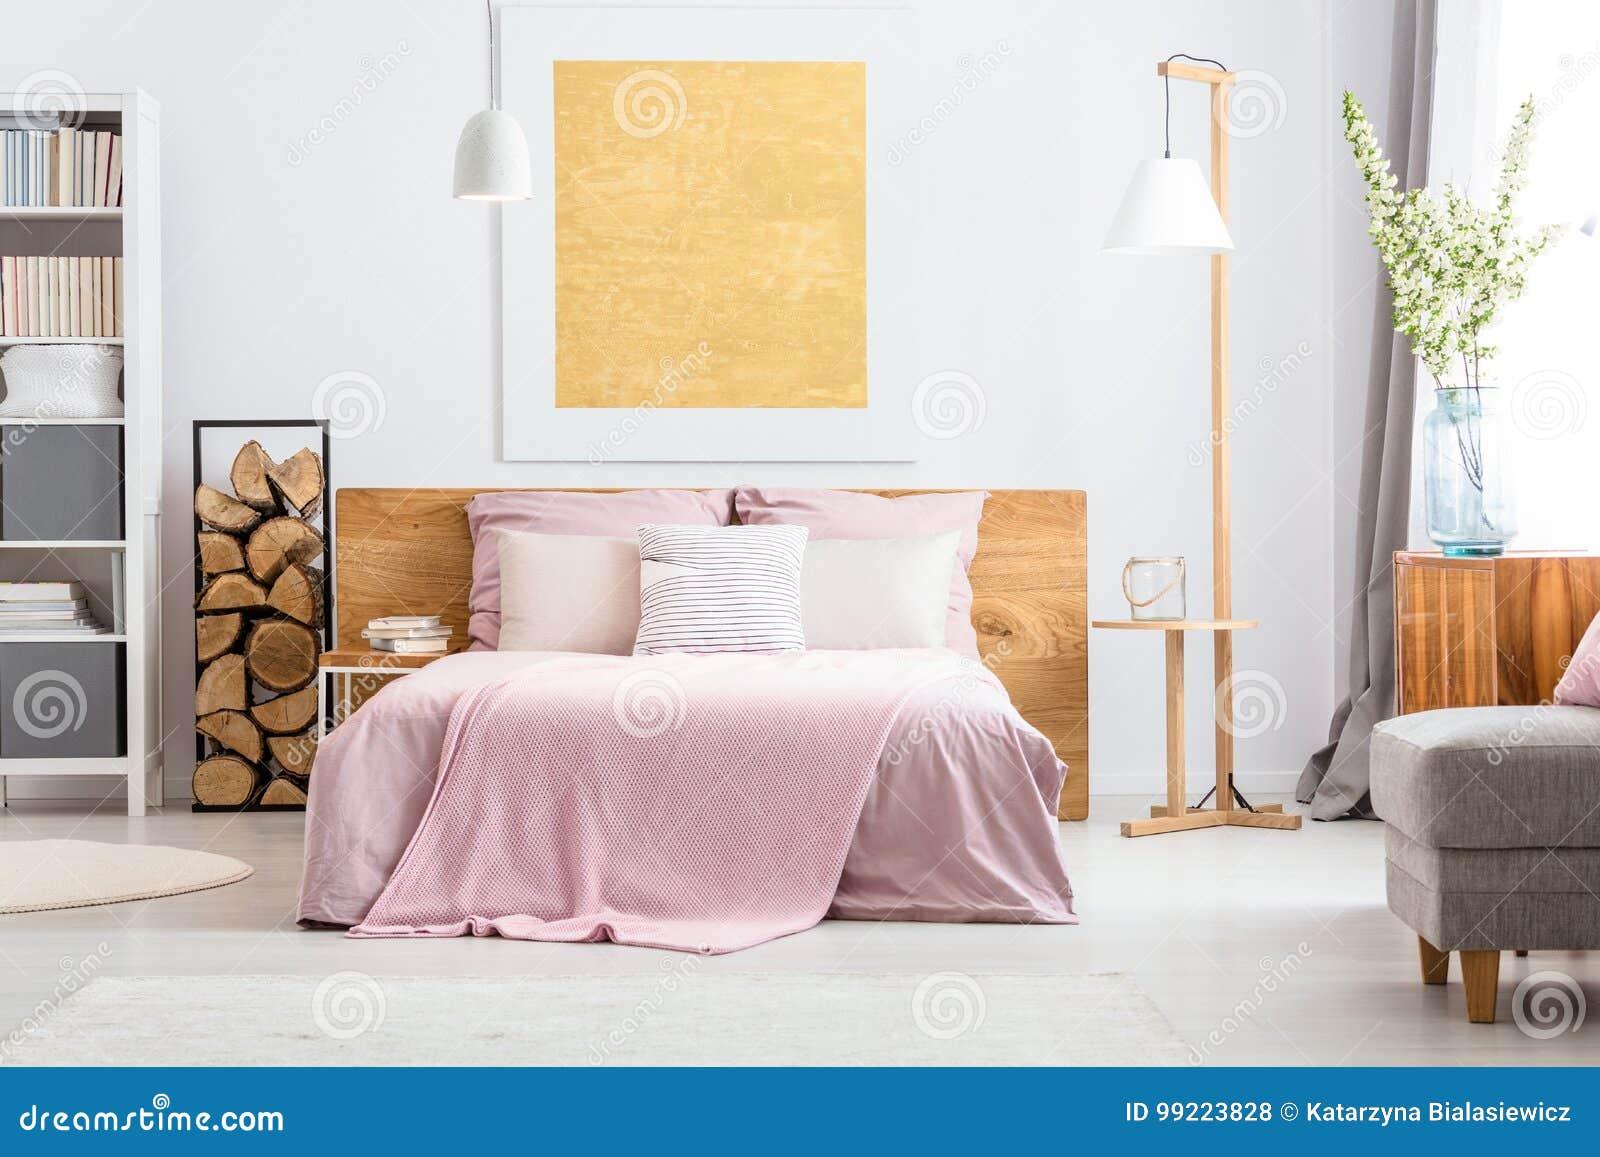 可爱的经典卧室